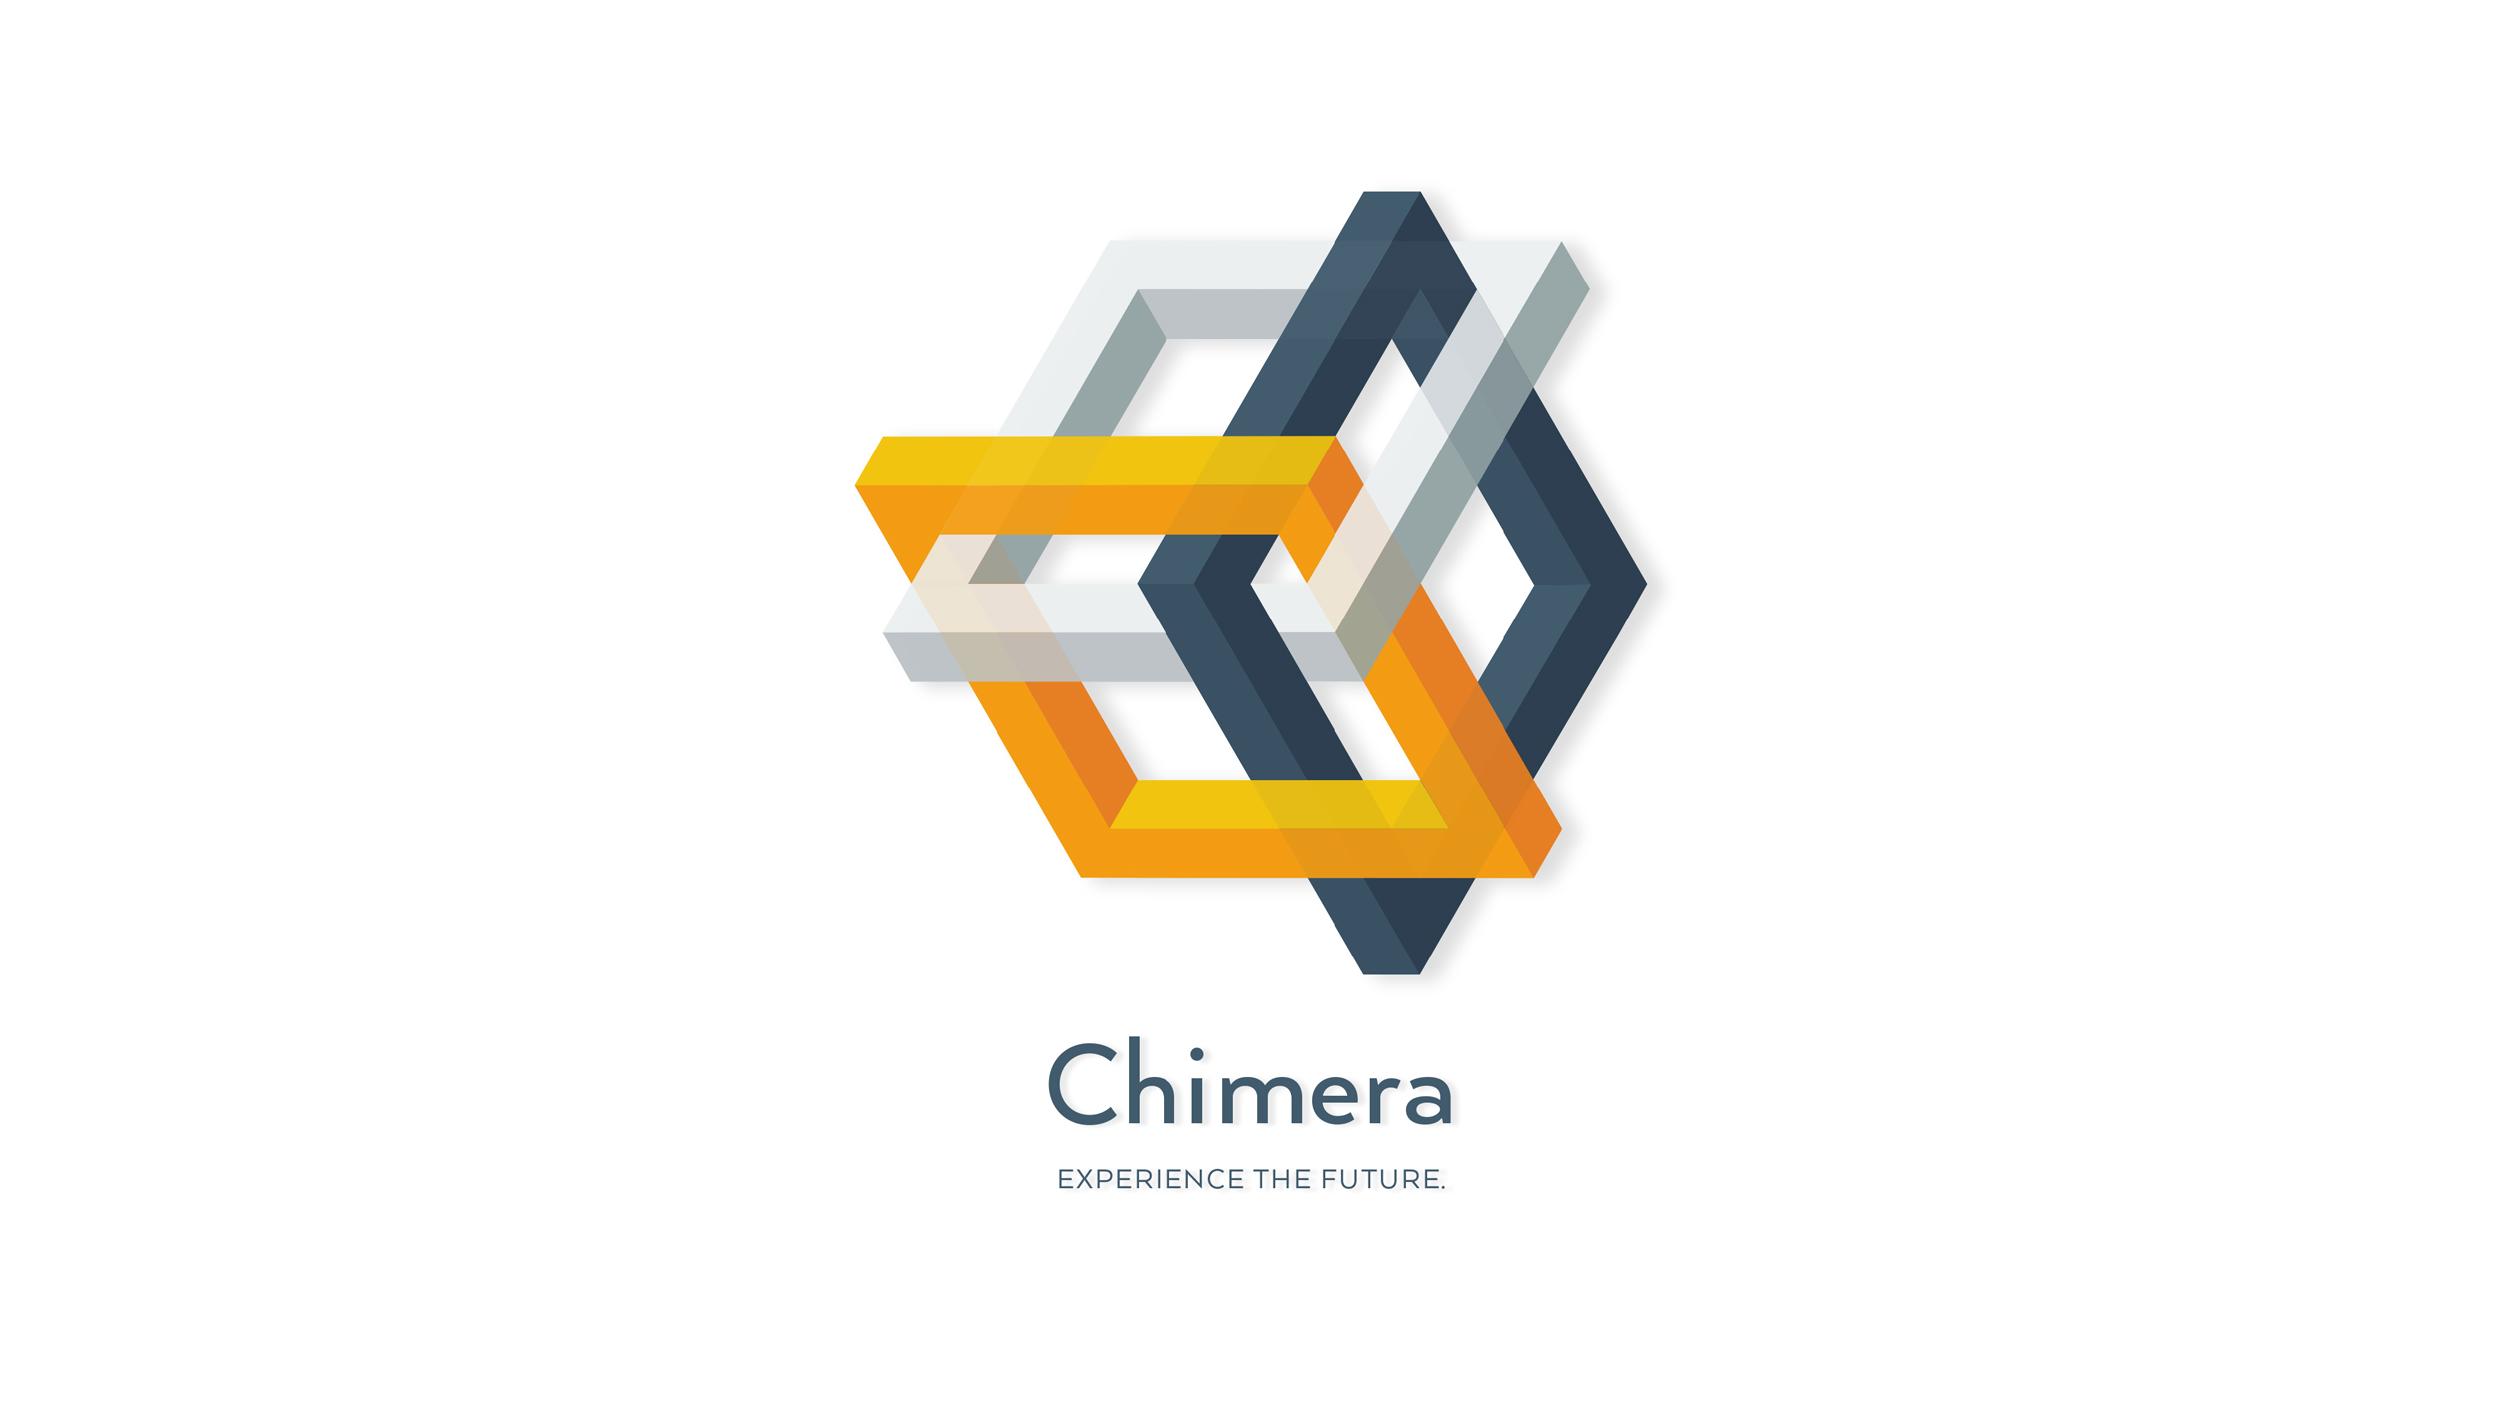 chimera1.jpg